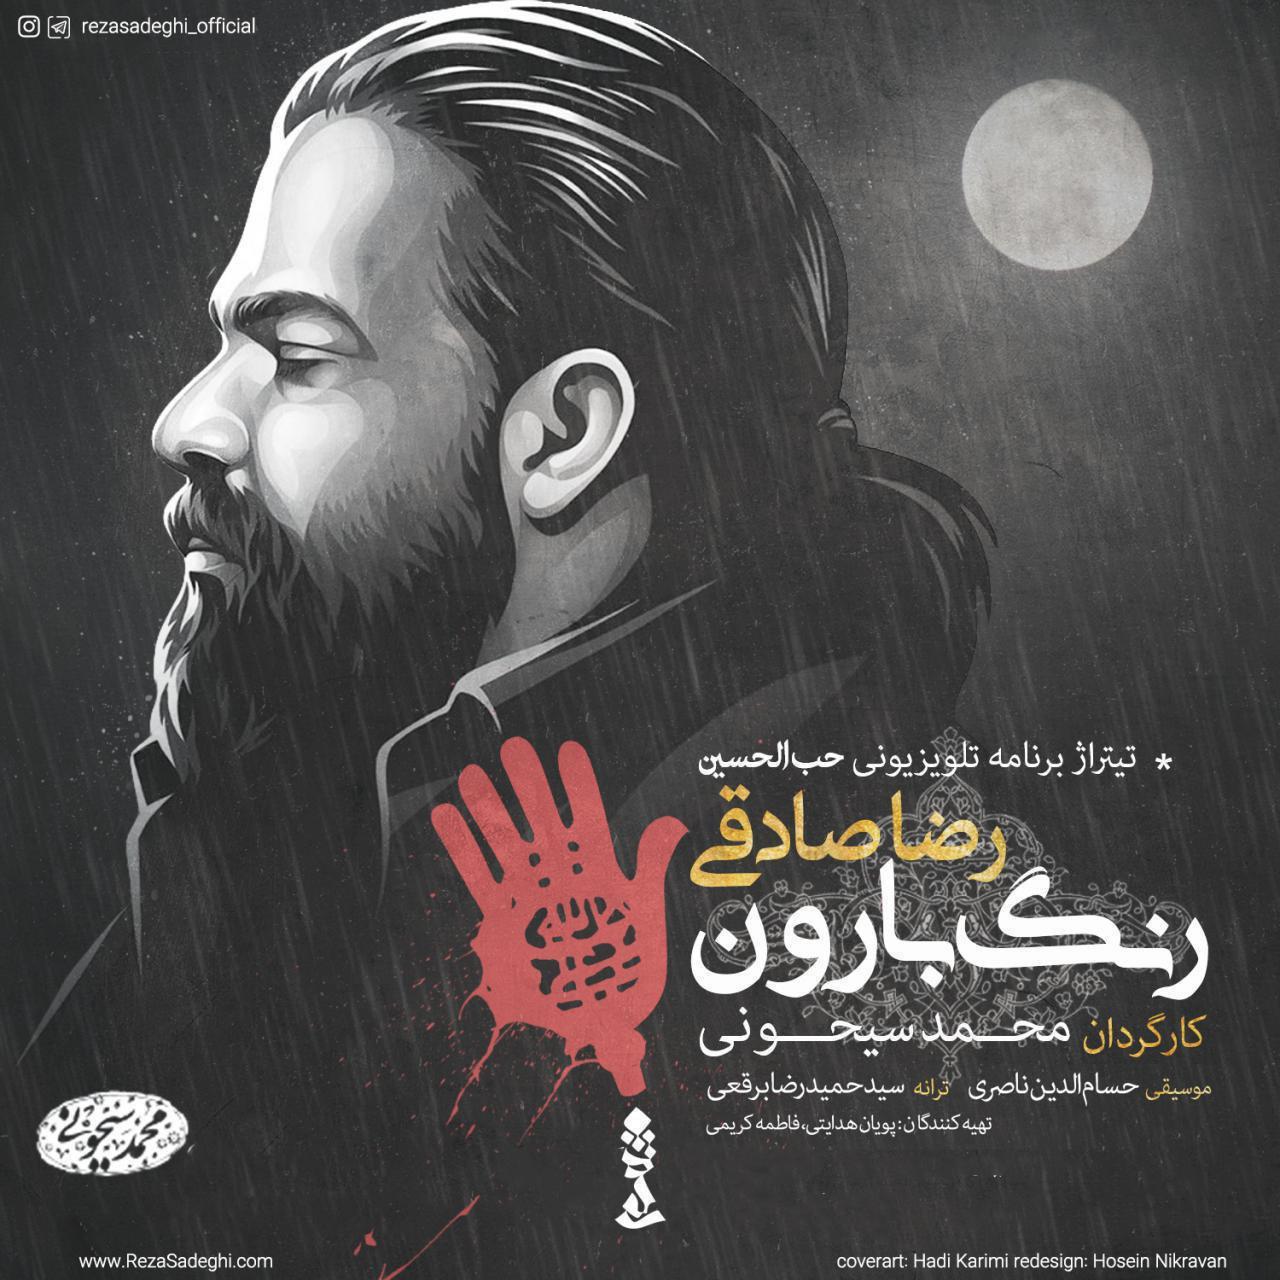 دانلود موزیک ویدیوی جدید رضا صادقی به نام رنگ بارون